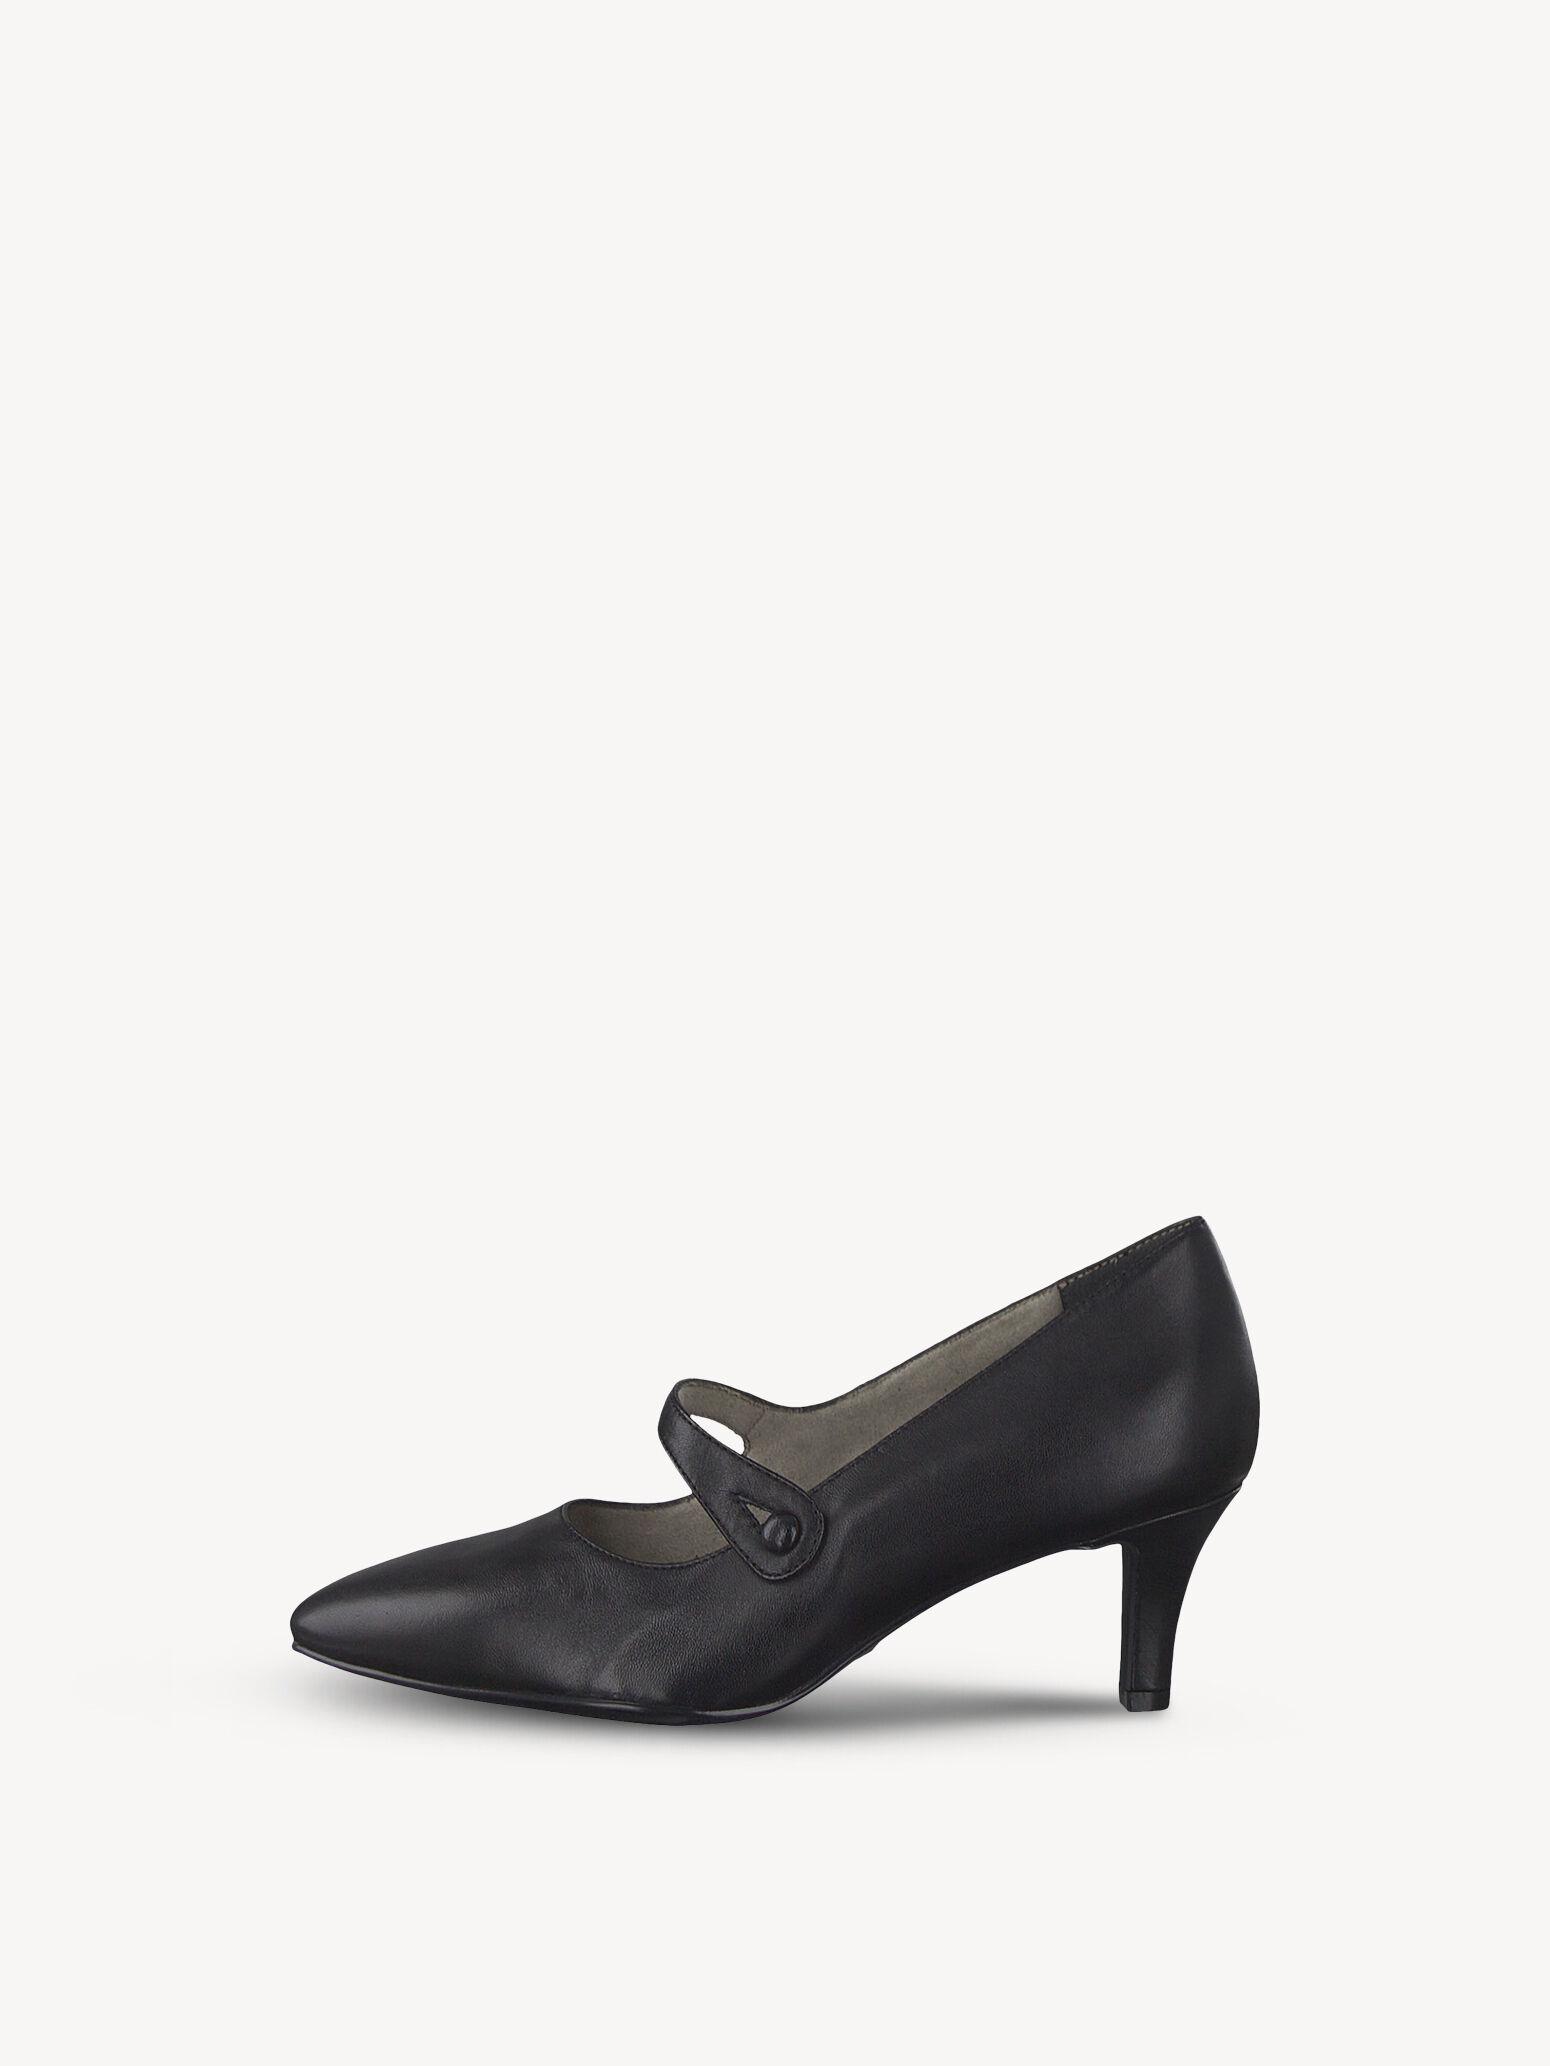 Tamaris Mary Jane Schuhe für Damen günstig kaufen | eBay